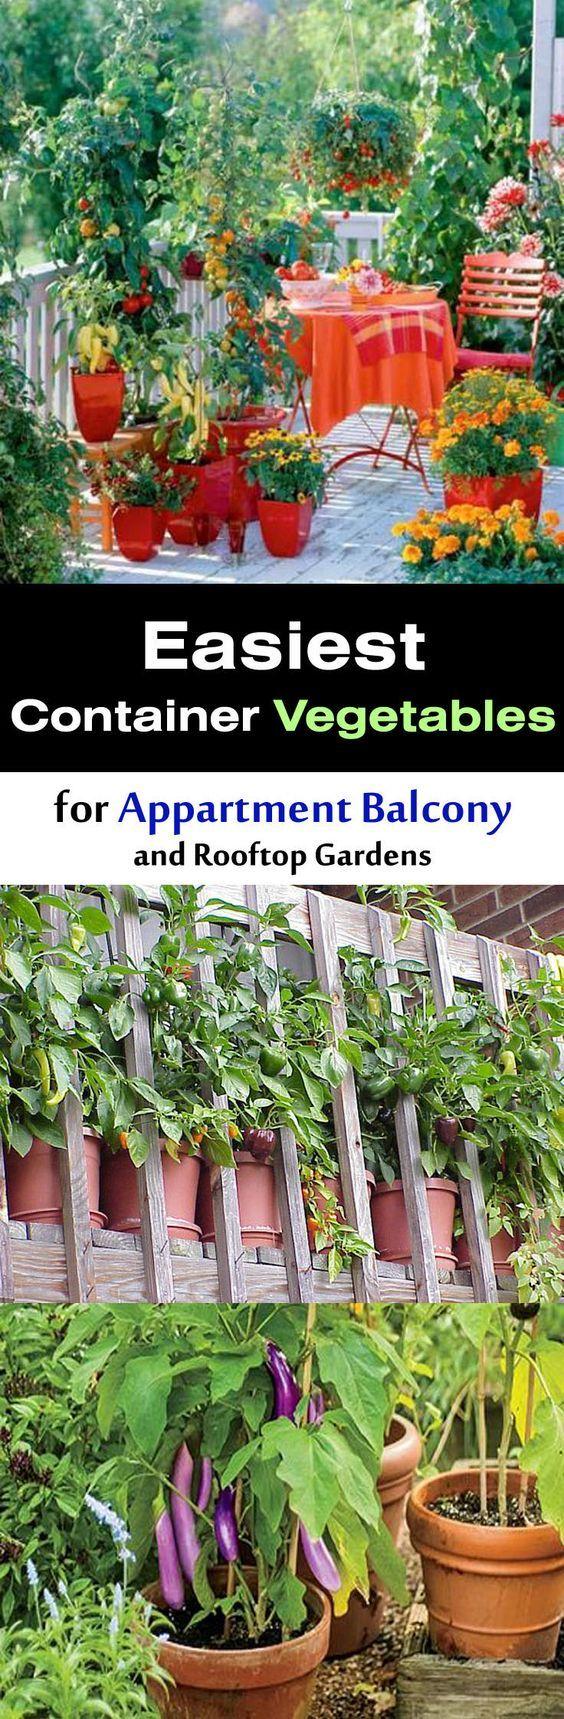 Easiest Vegetables for Balcony & Rooftop Garden ...